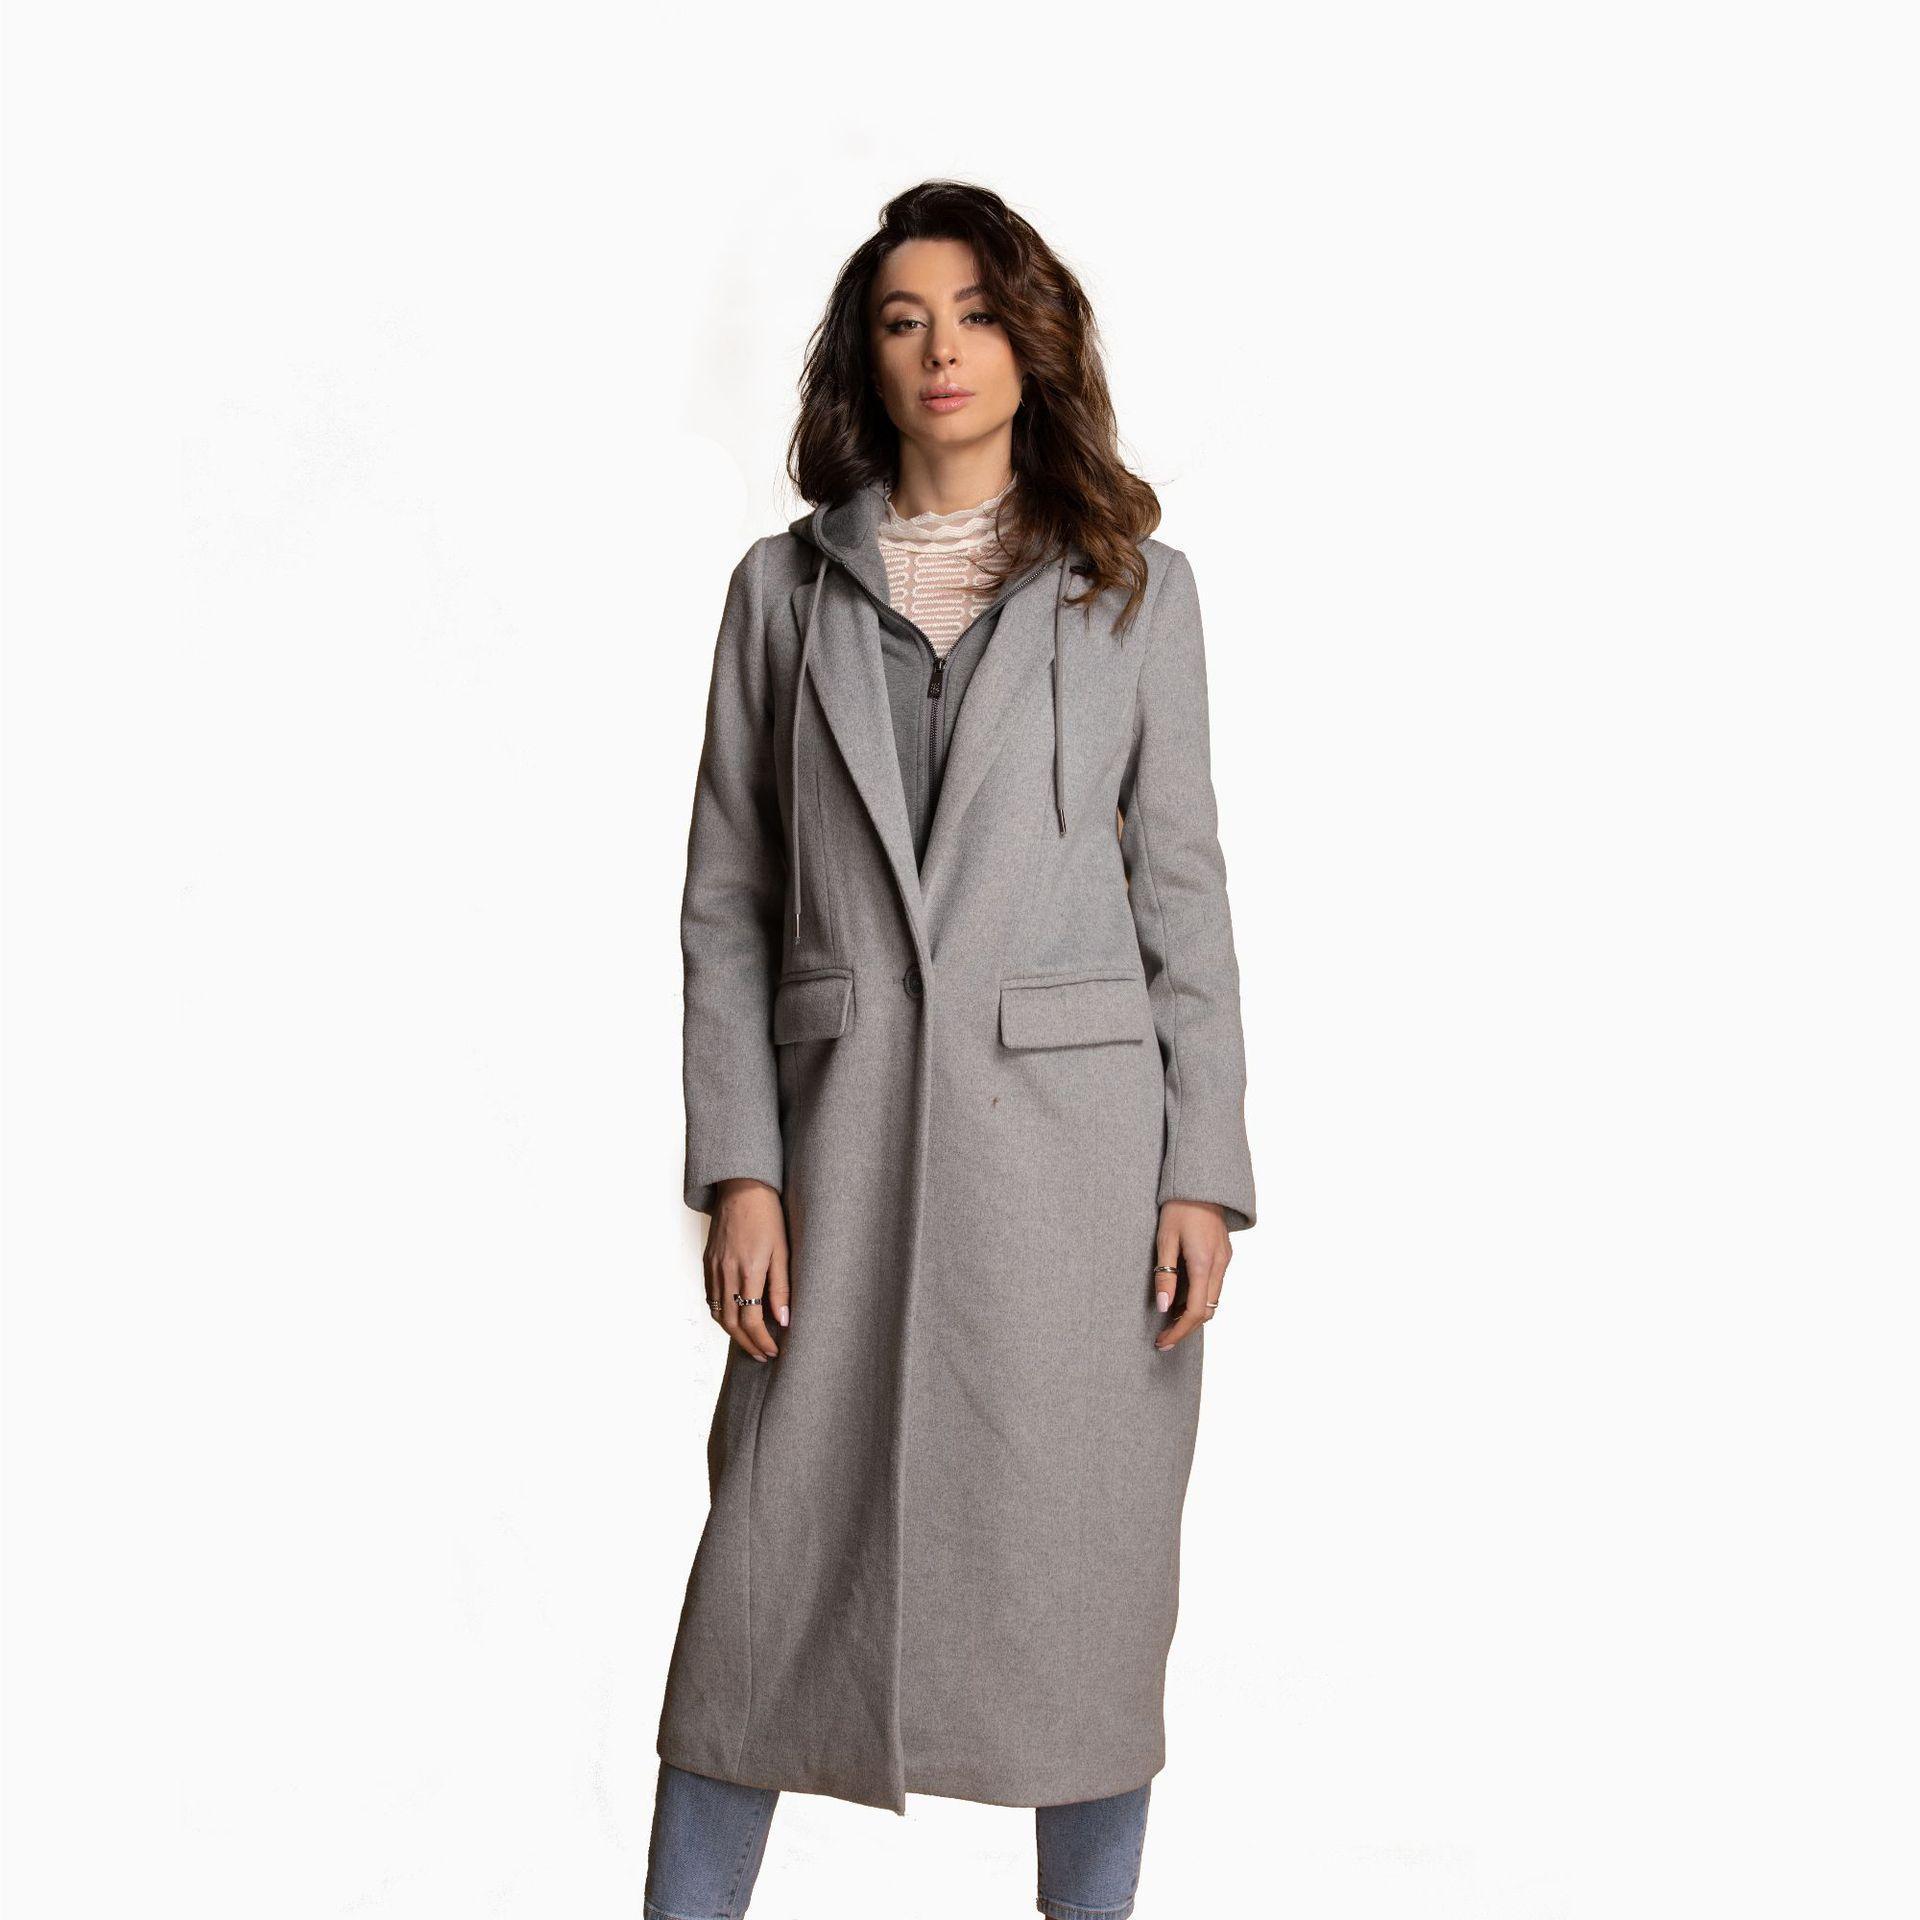 Transfrontaliera appositamente per il nuovo autunno e inverno 2019 lungo tratto delle donne di europei e moda americana cappotto di lana con cappuccio soprabito